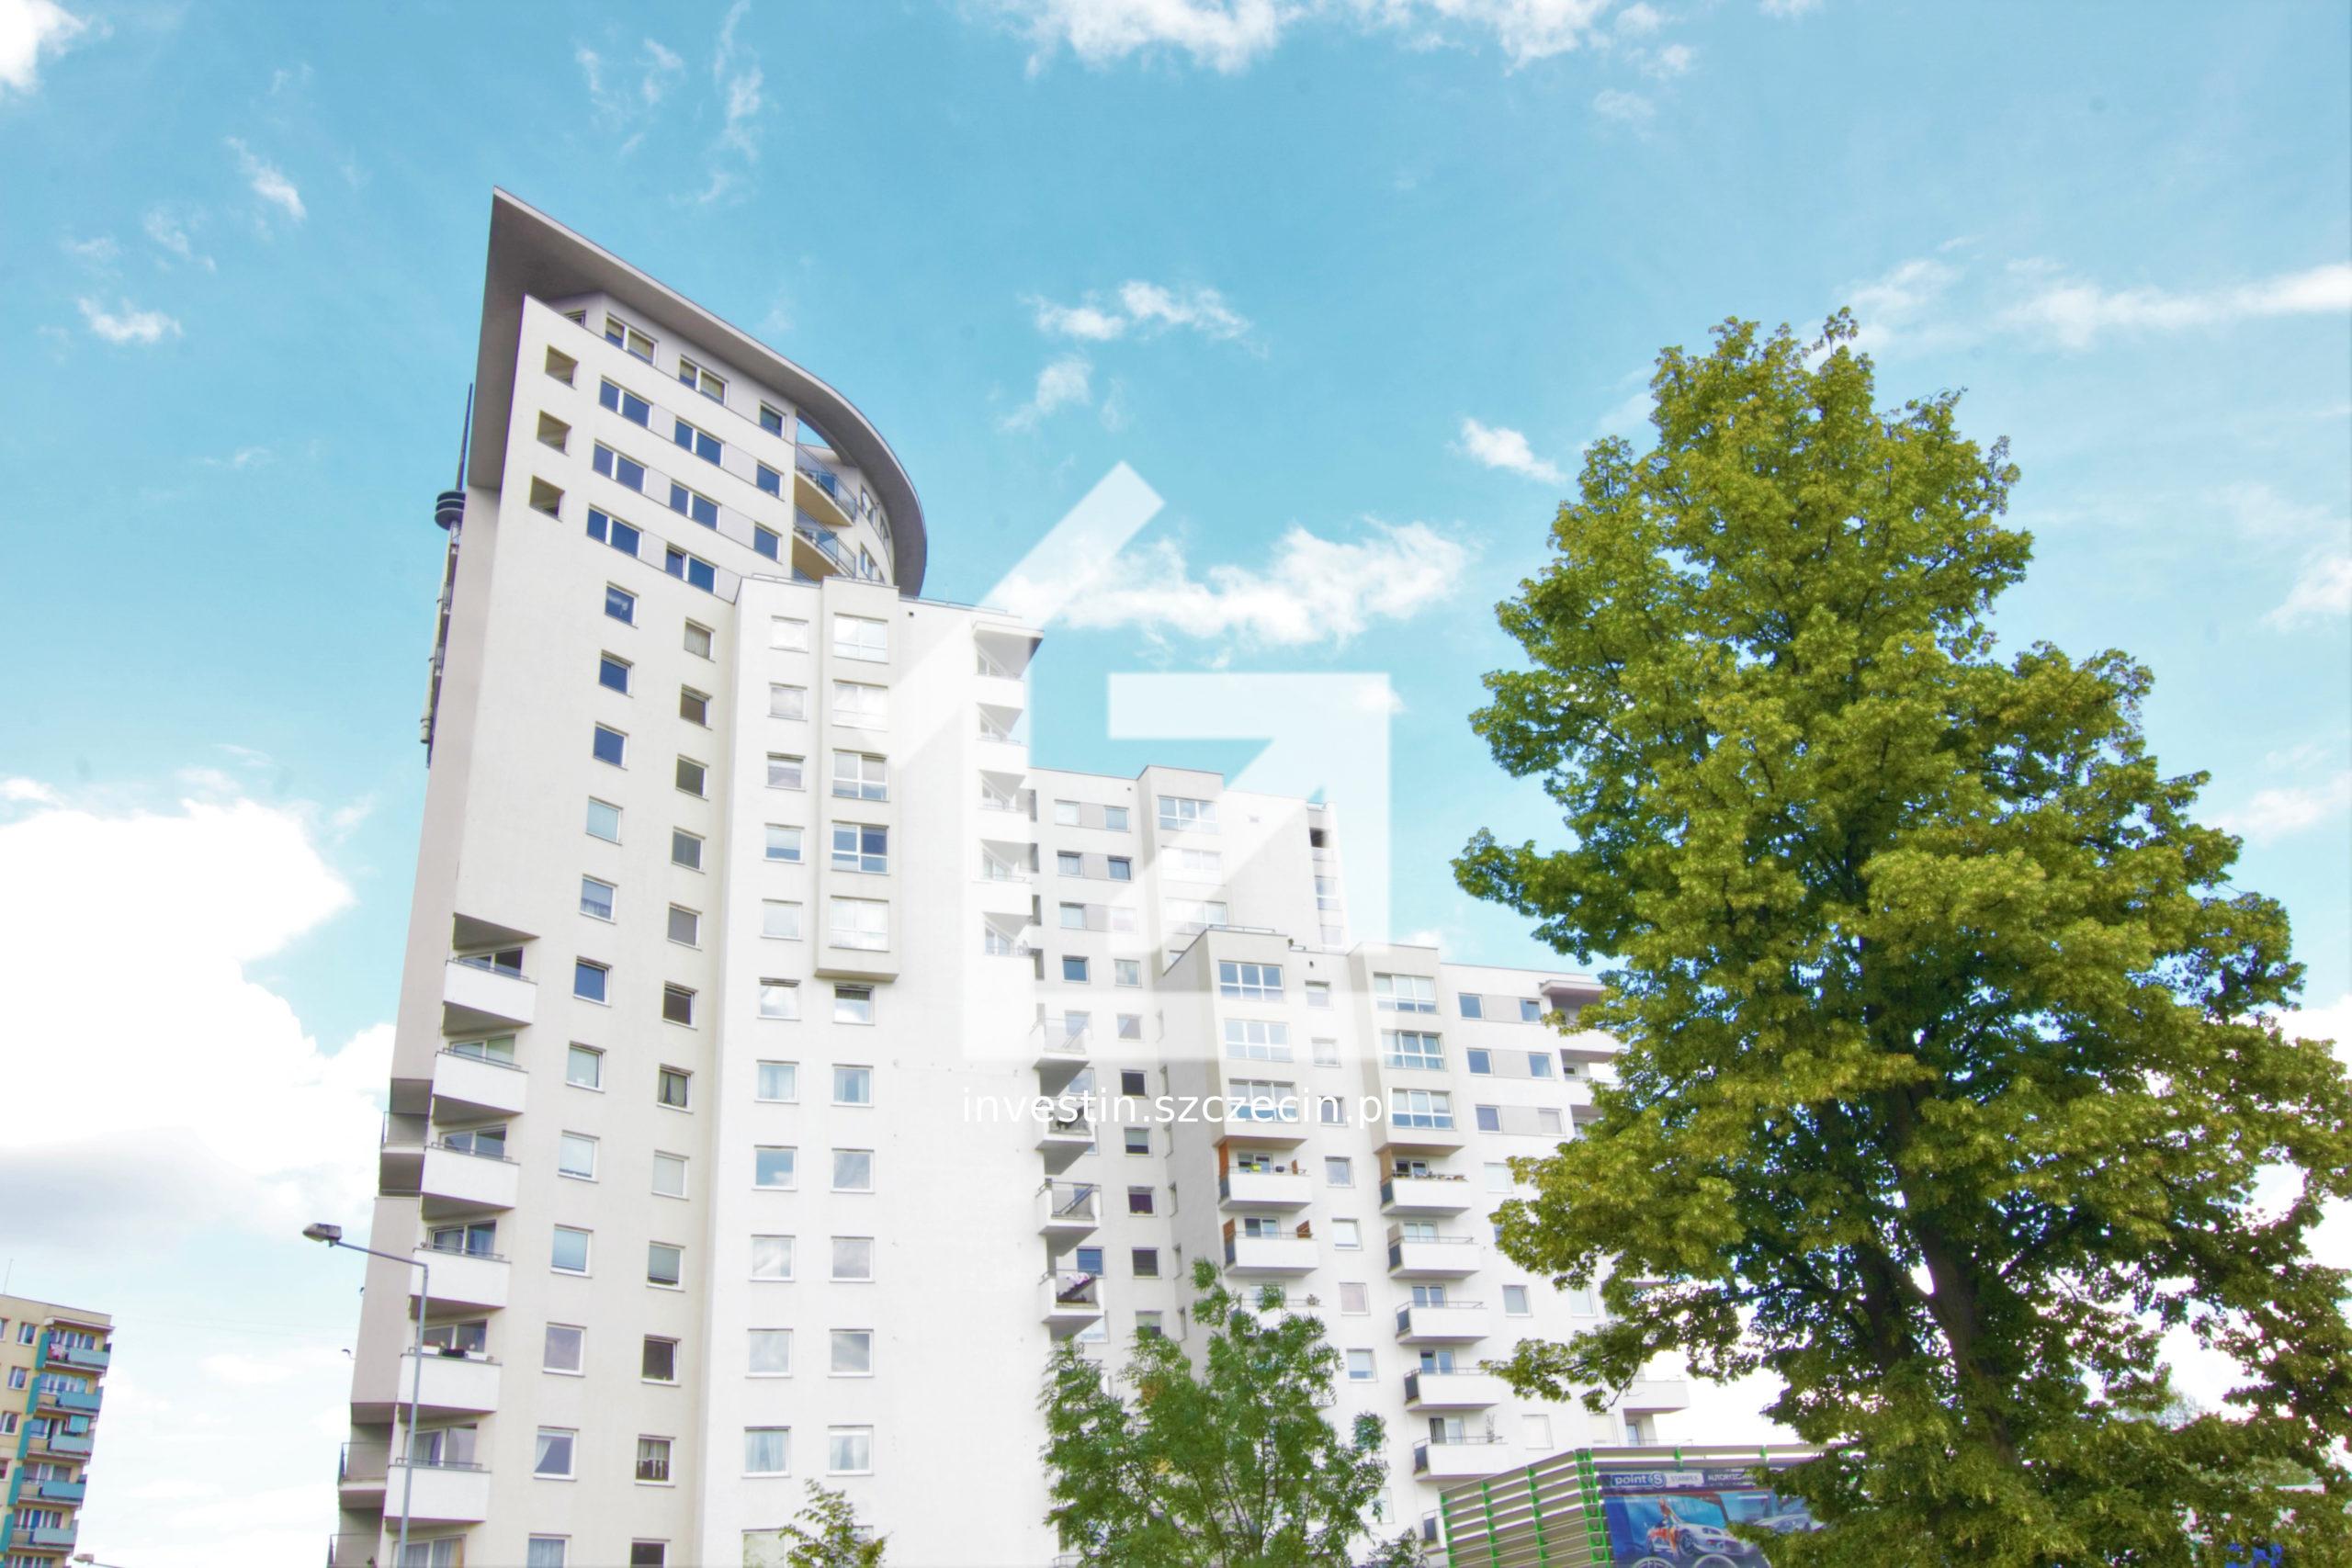 Mieszkanie inwestycyjne przy Bandurskiego 95-96. Nowa, niższa cena!